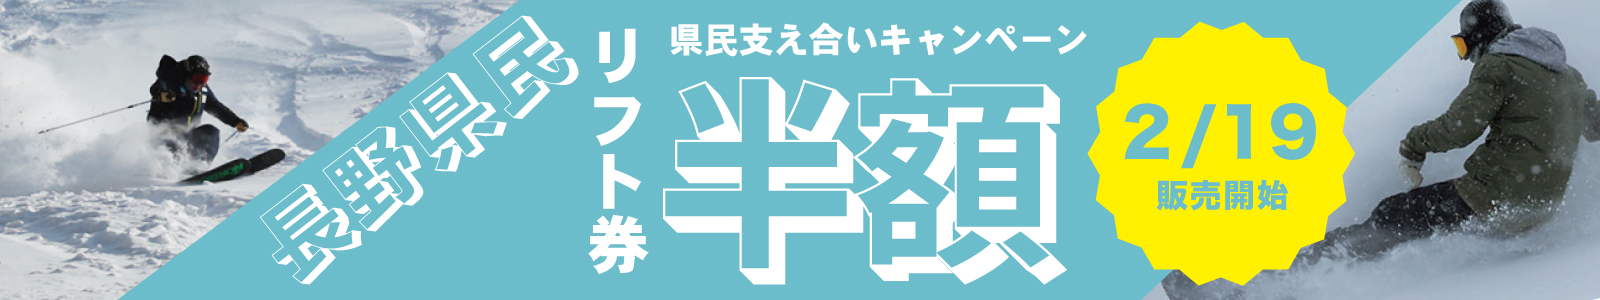 長野県民リフト券半額!県民支え合いキャンペーン